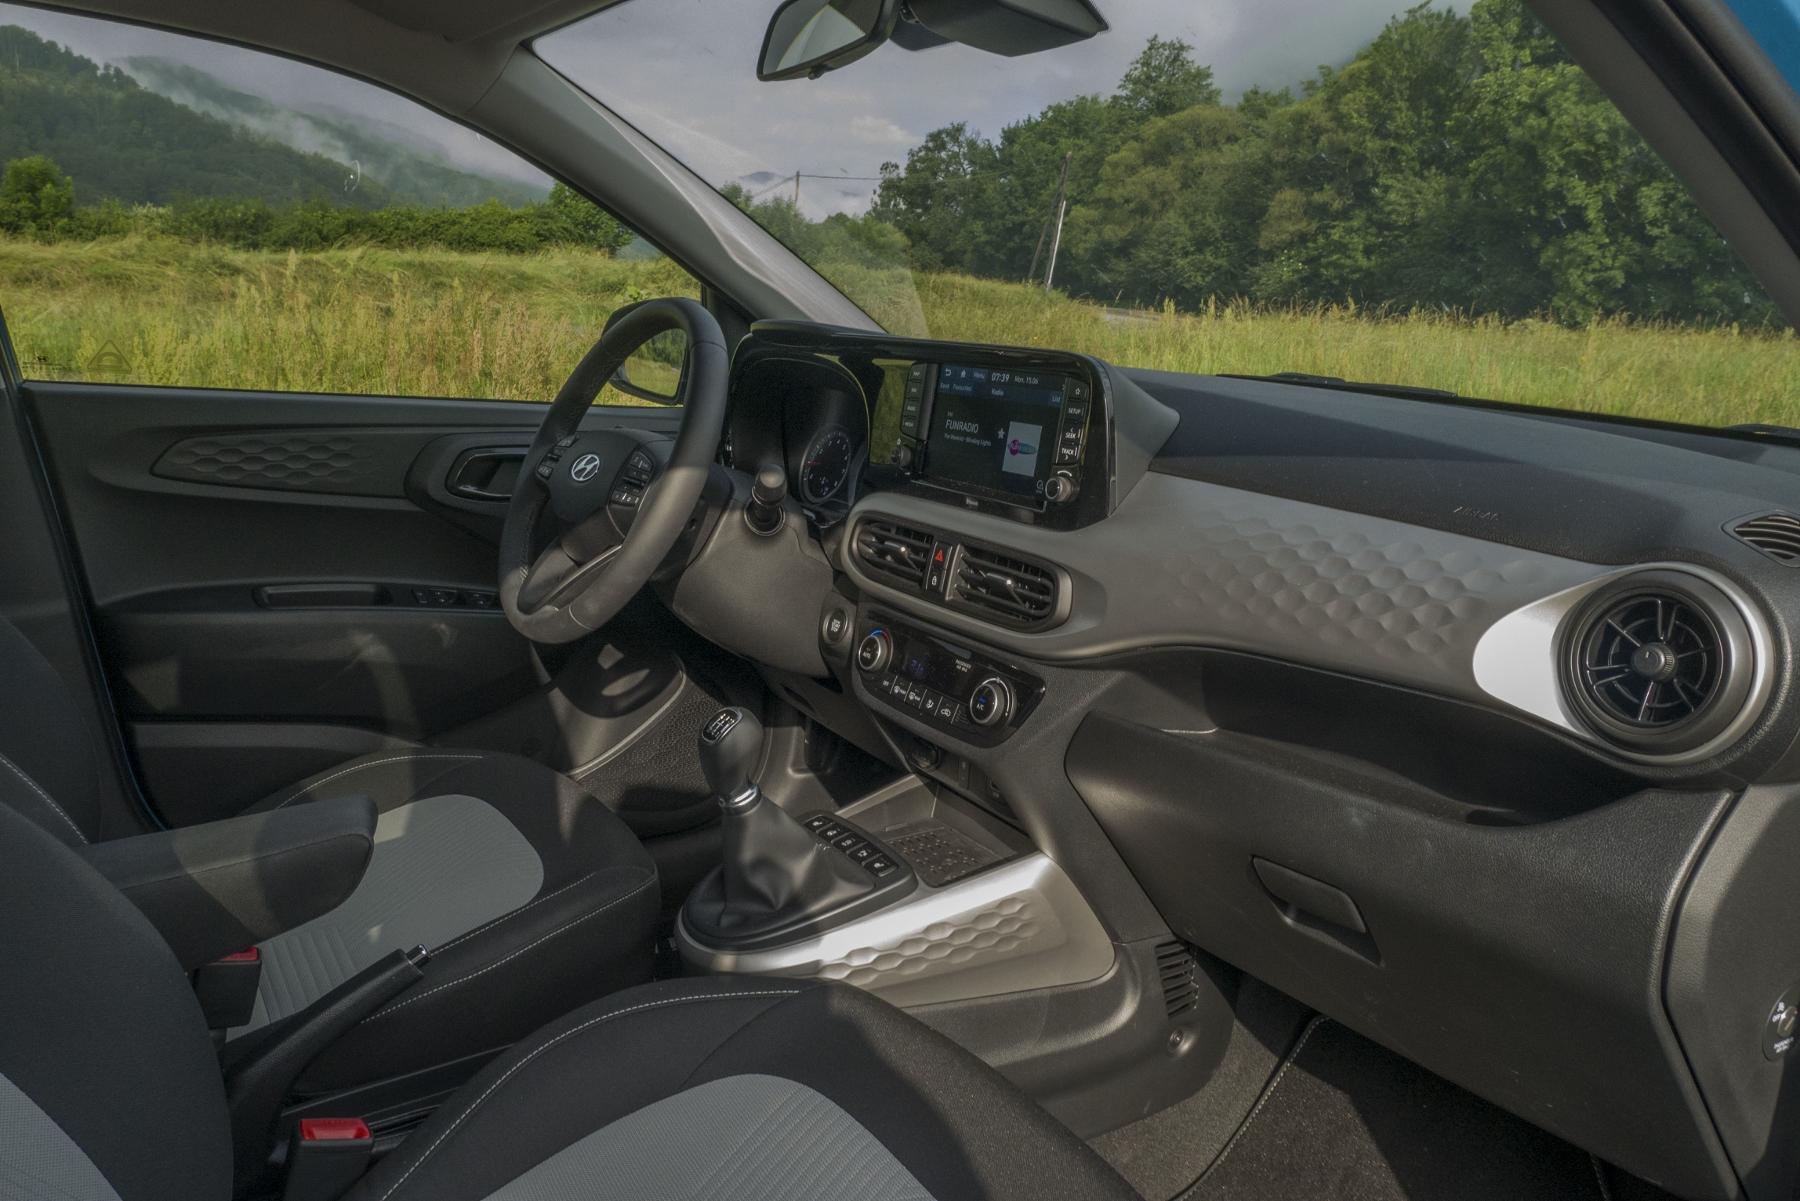 Test: Hyundai i10 je zameraný do mesta. Zo škatuľky vytŕča podvozkom Z0ahwz19VA hyundai-i10-23